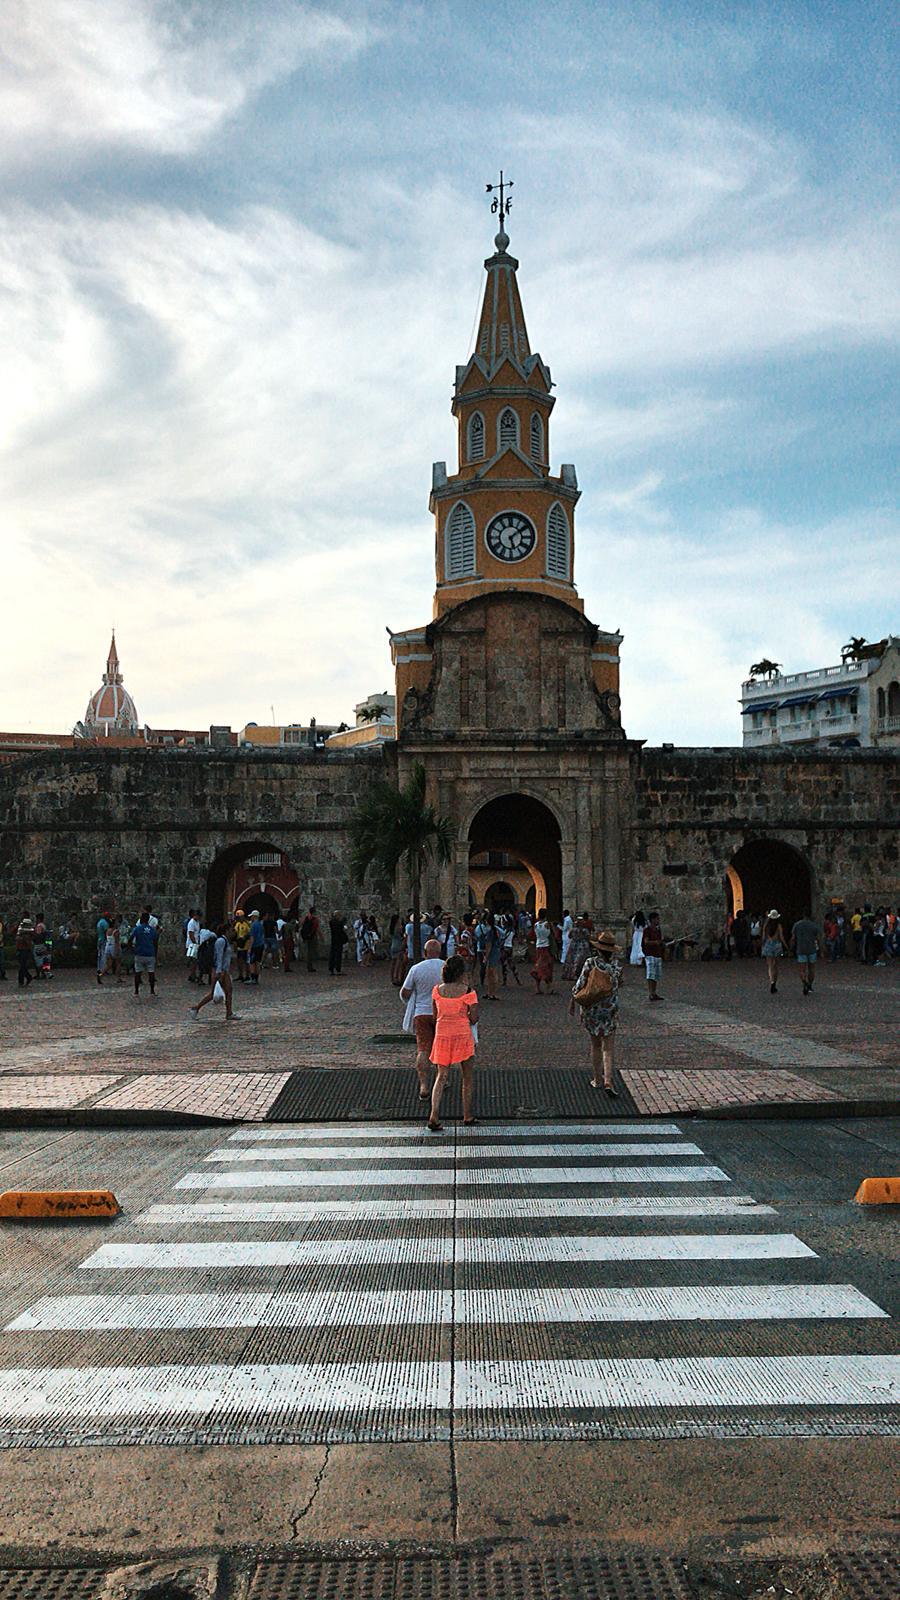 Vue de l'horloge de Carthagène des Indes